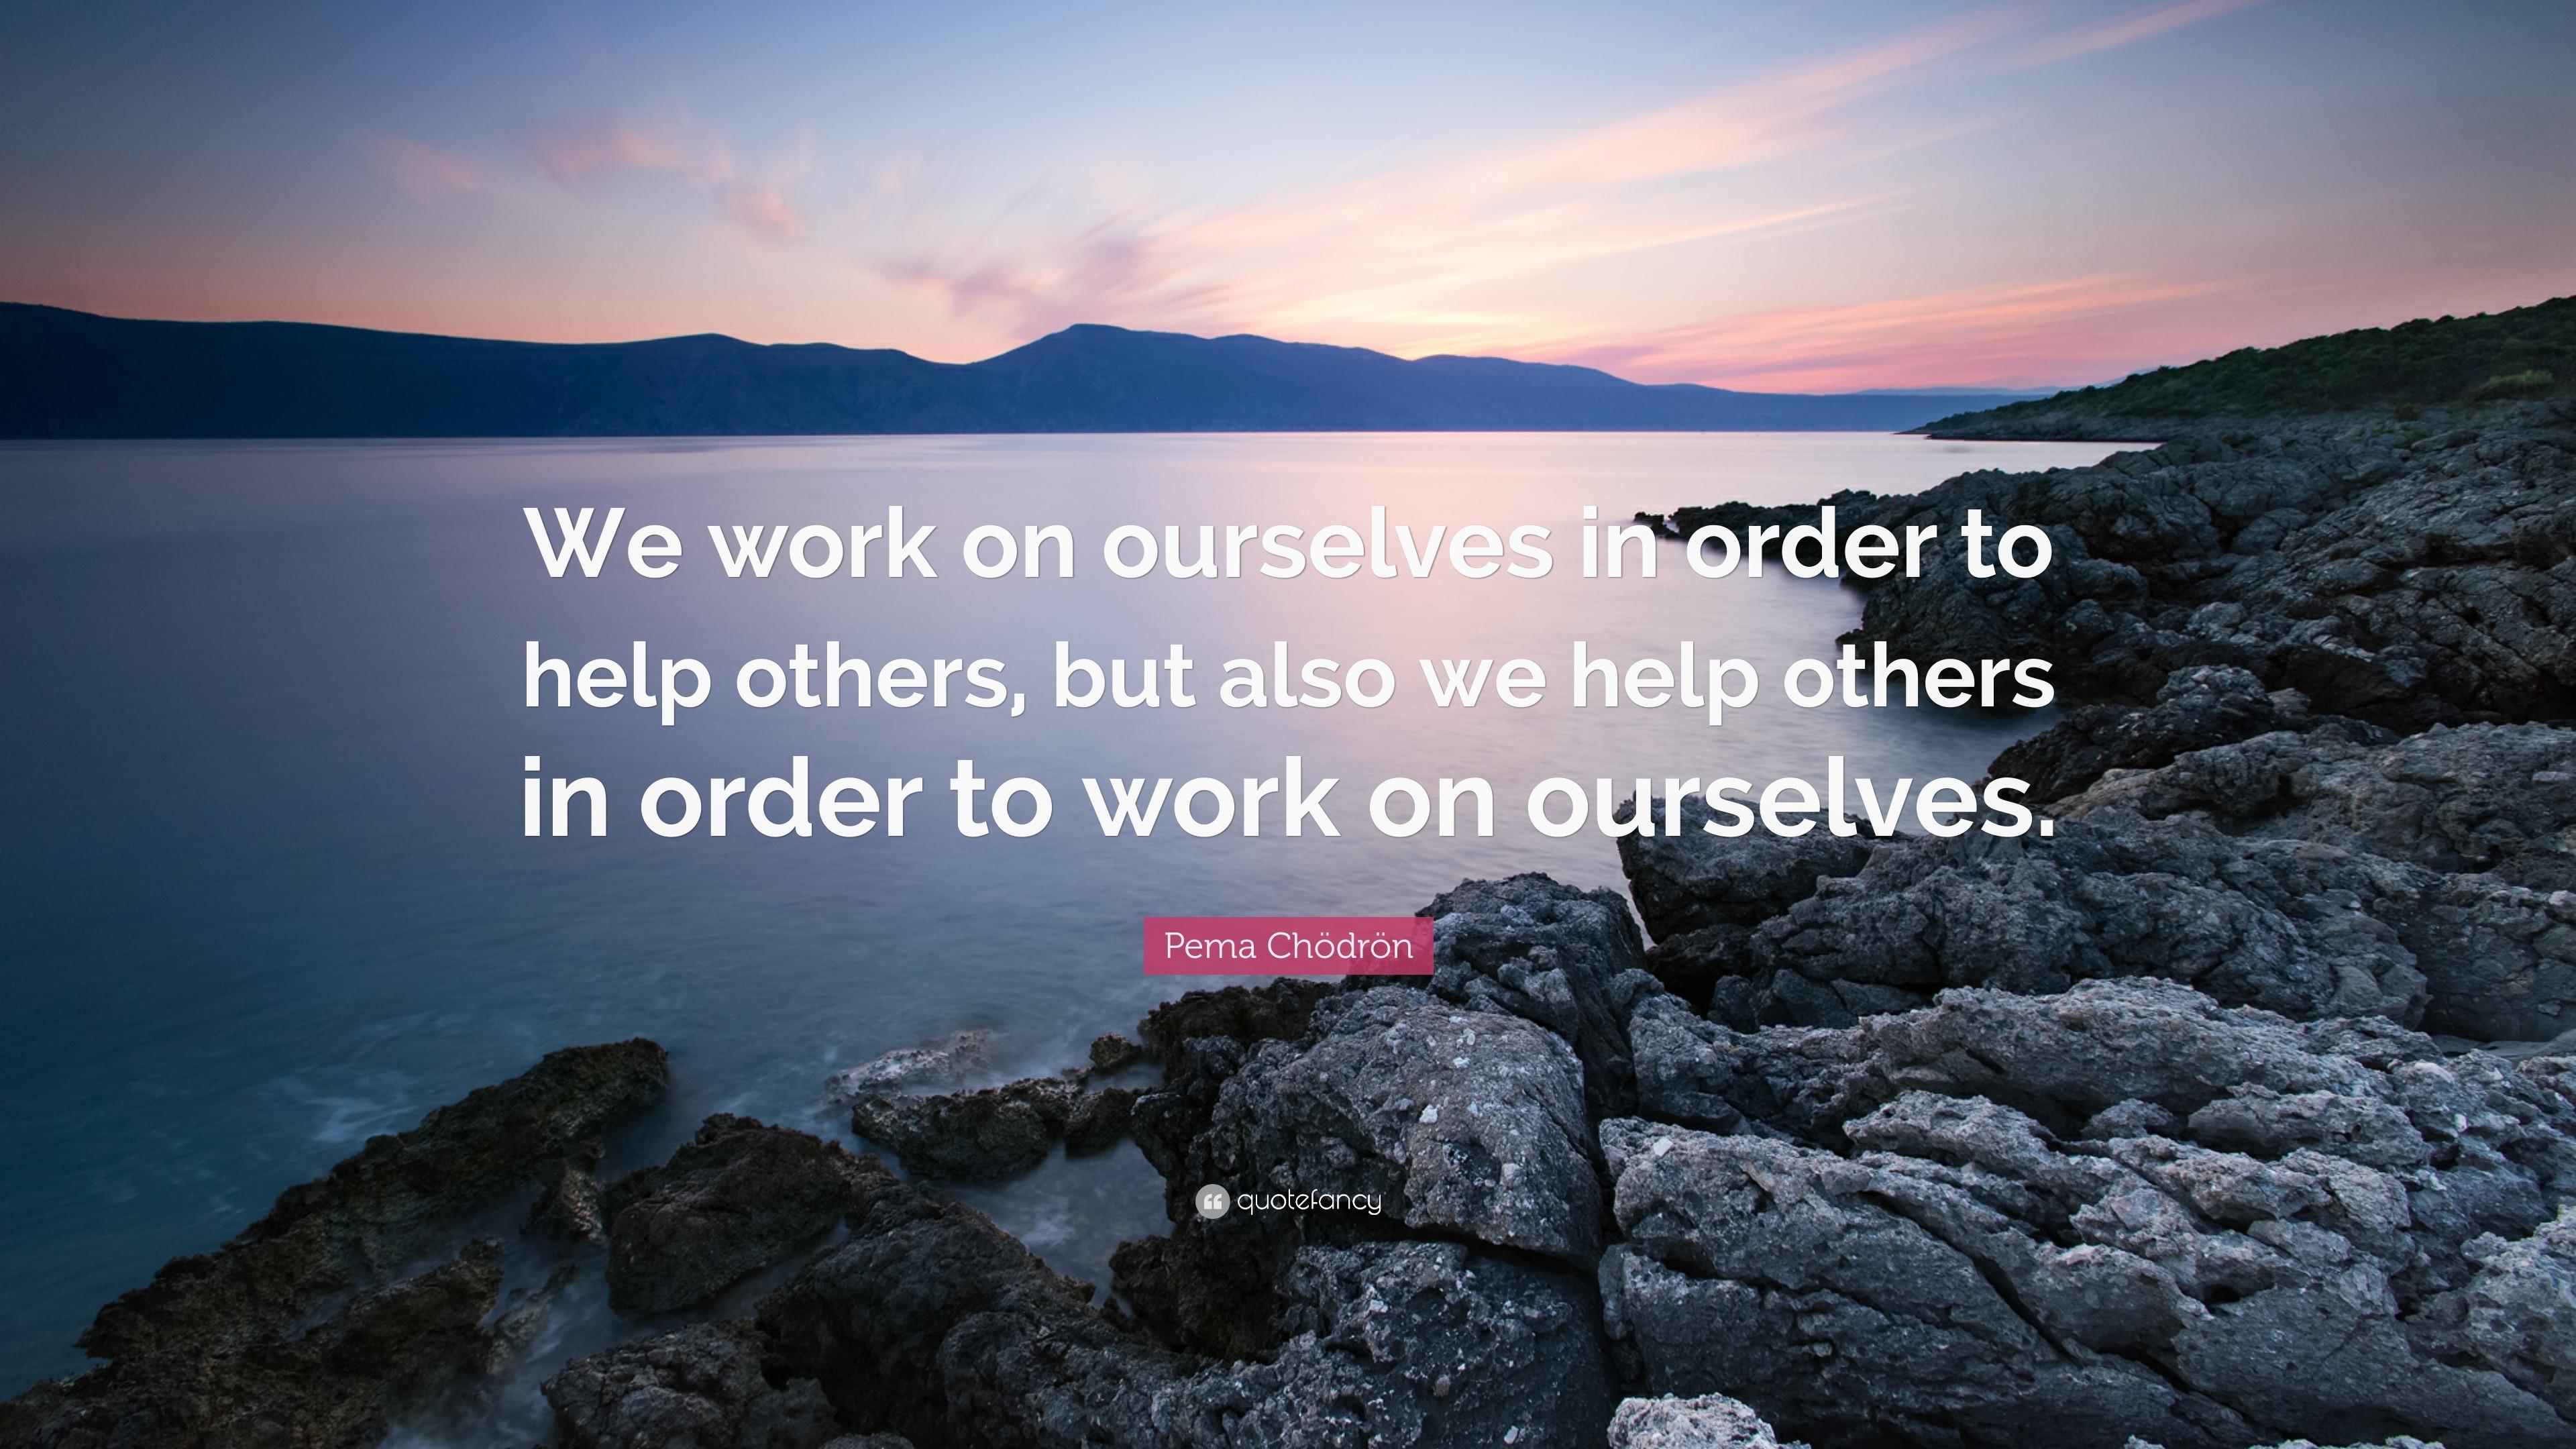 Helping Others Quotes Helping Others Quotes 40 Wallpapers  Quotefancy